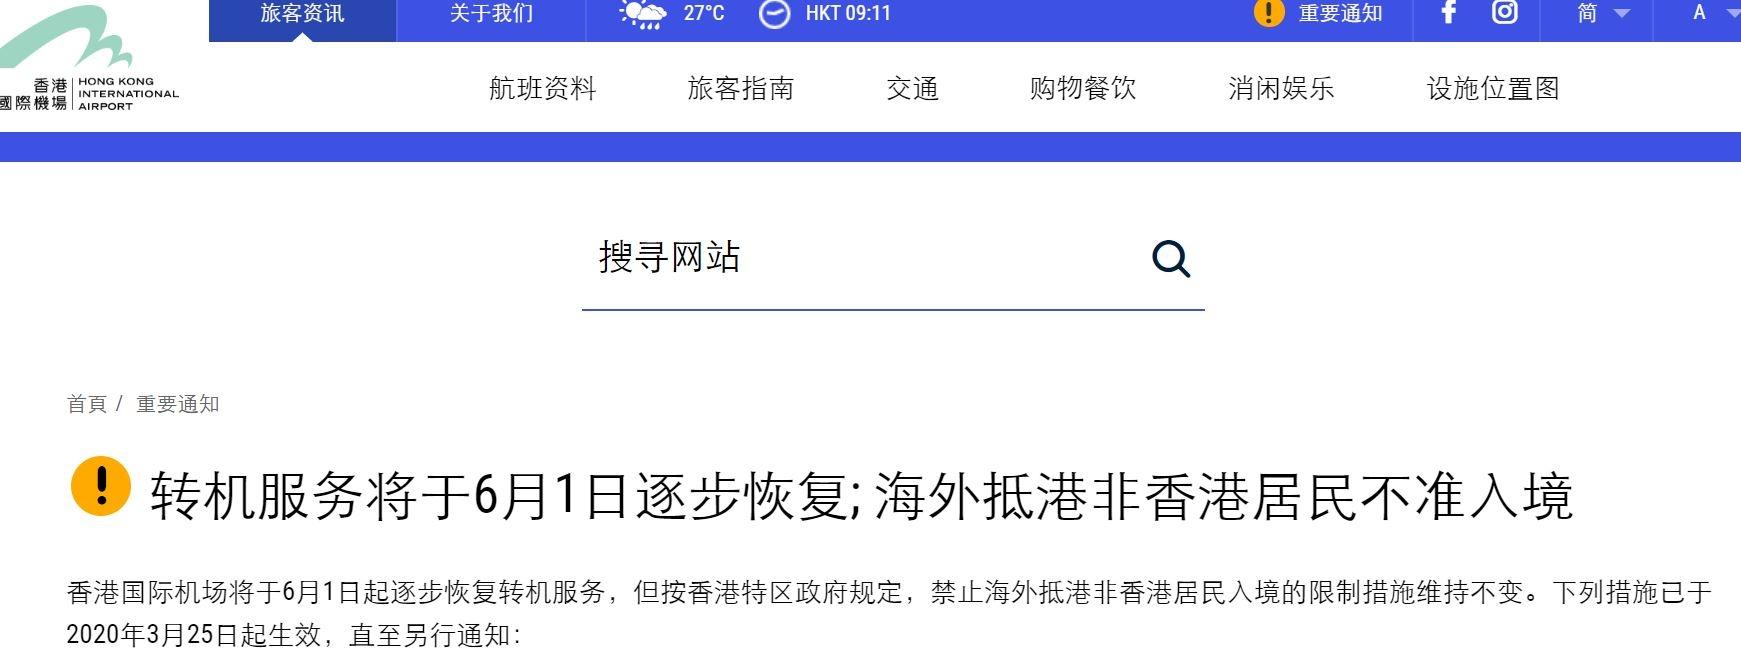 香港机场:转机服务将于6月1日逐步恢复; 海外抵港非香港居民不准入境